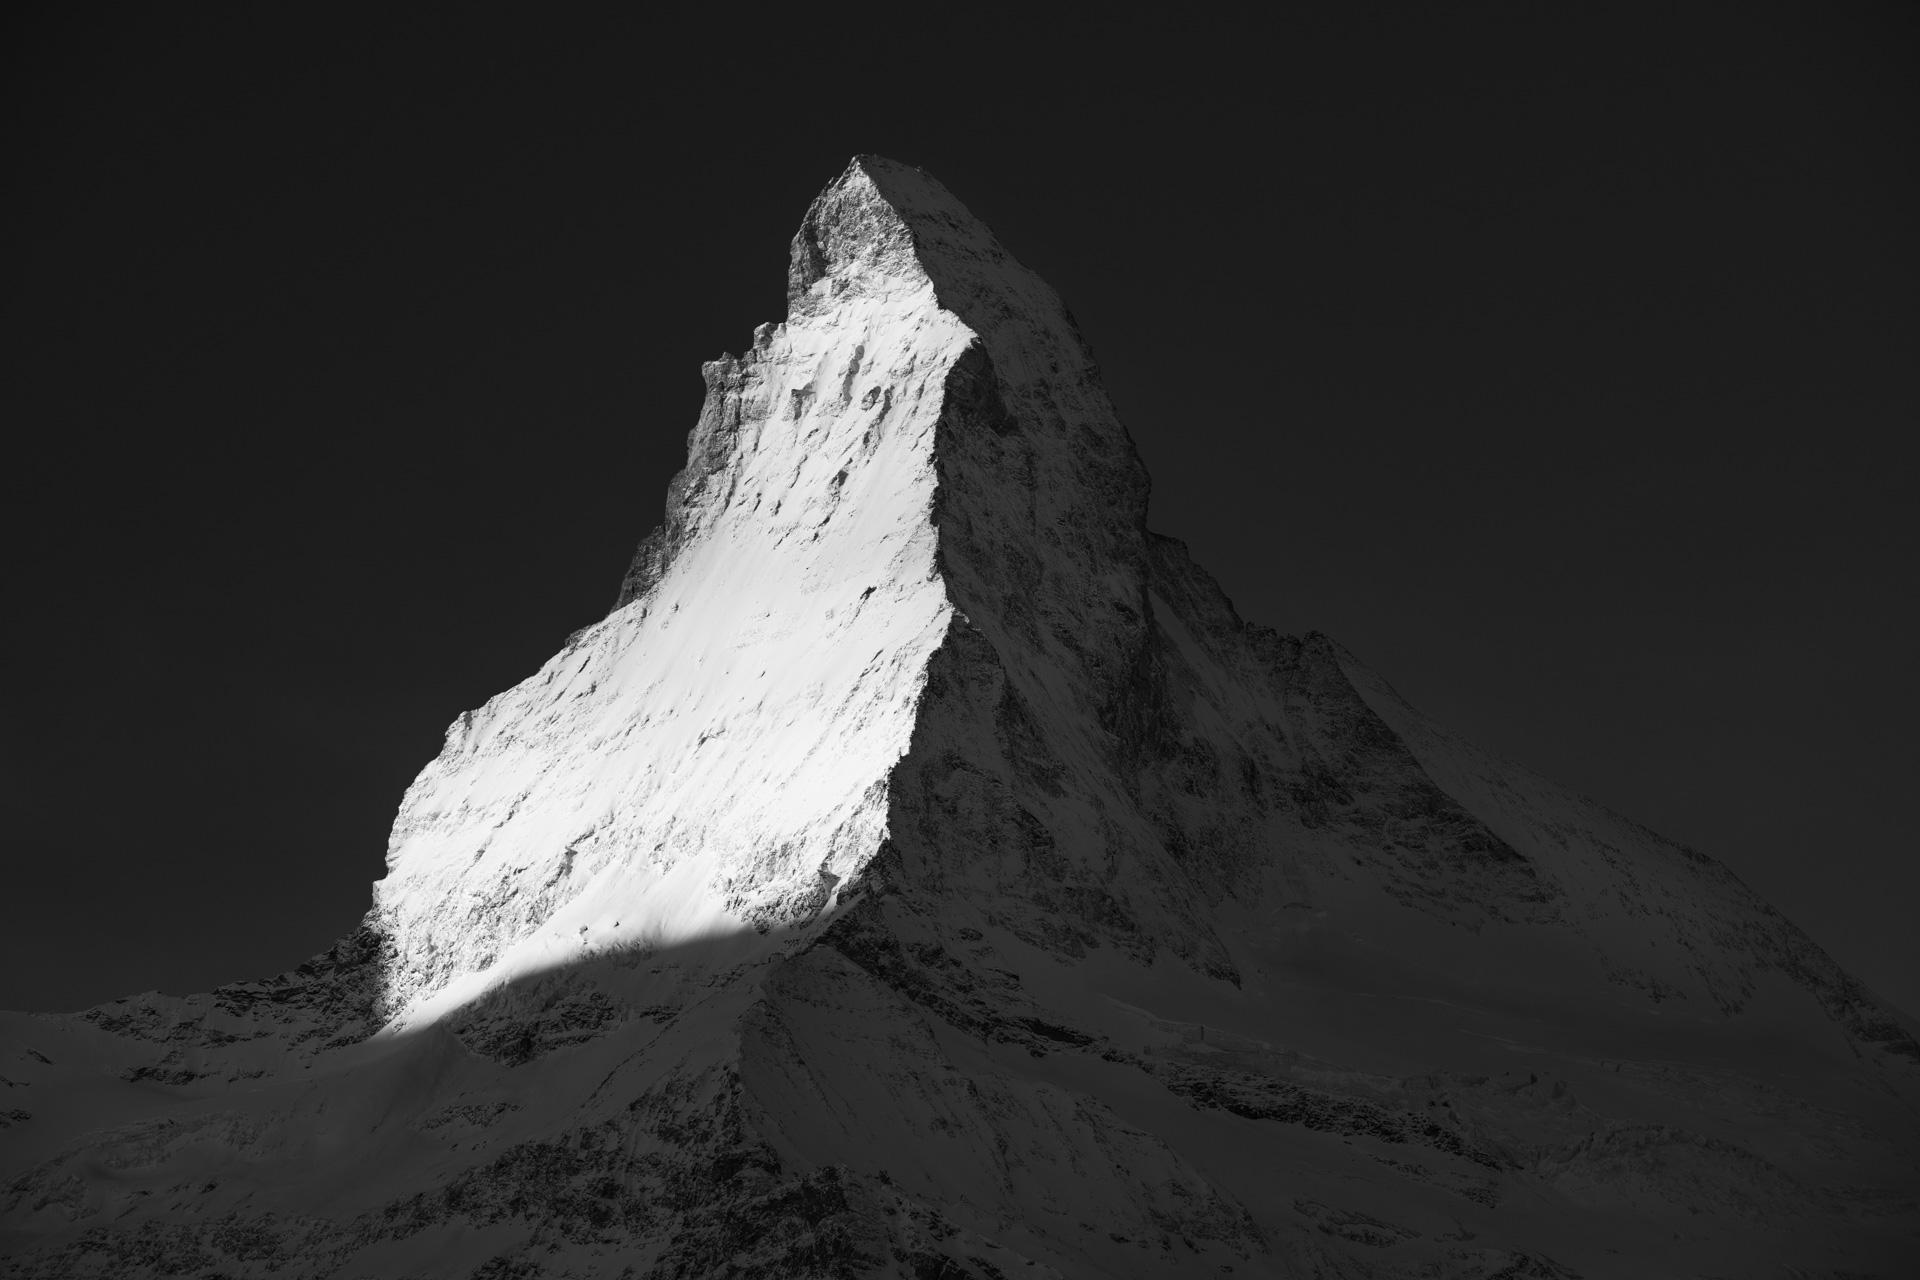 Photographie noir et blanc du Cervin - Face nord Cervin - Face Est Cervin - Lumière Cervin